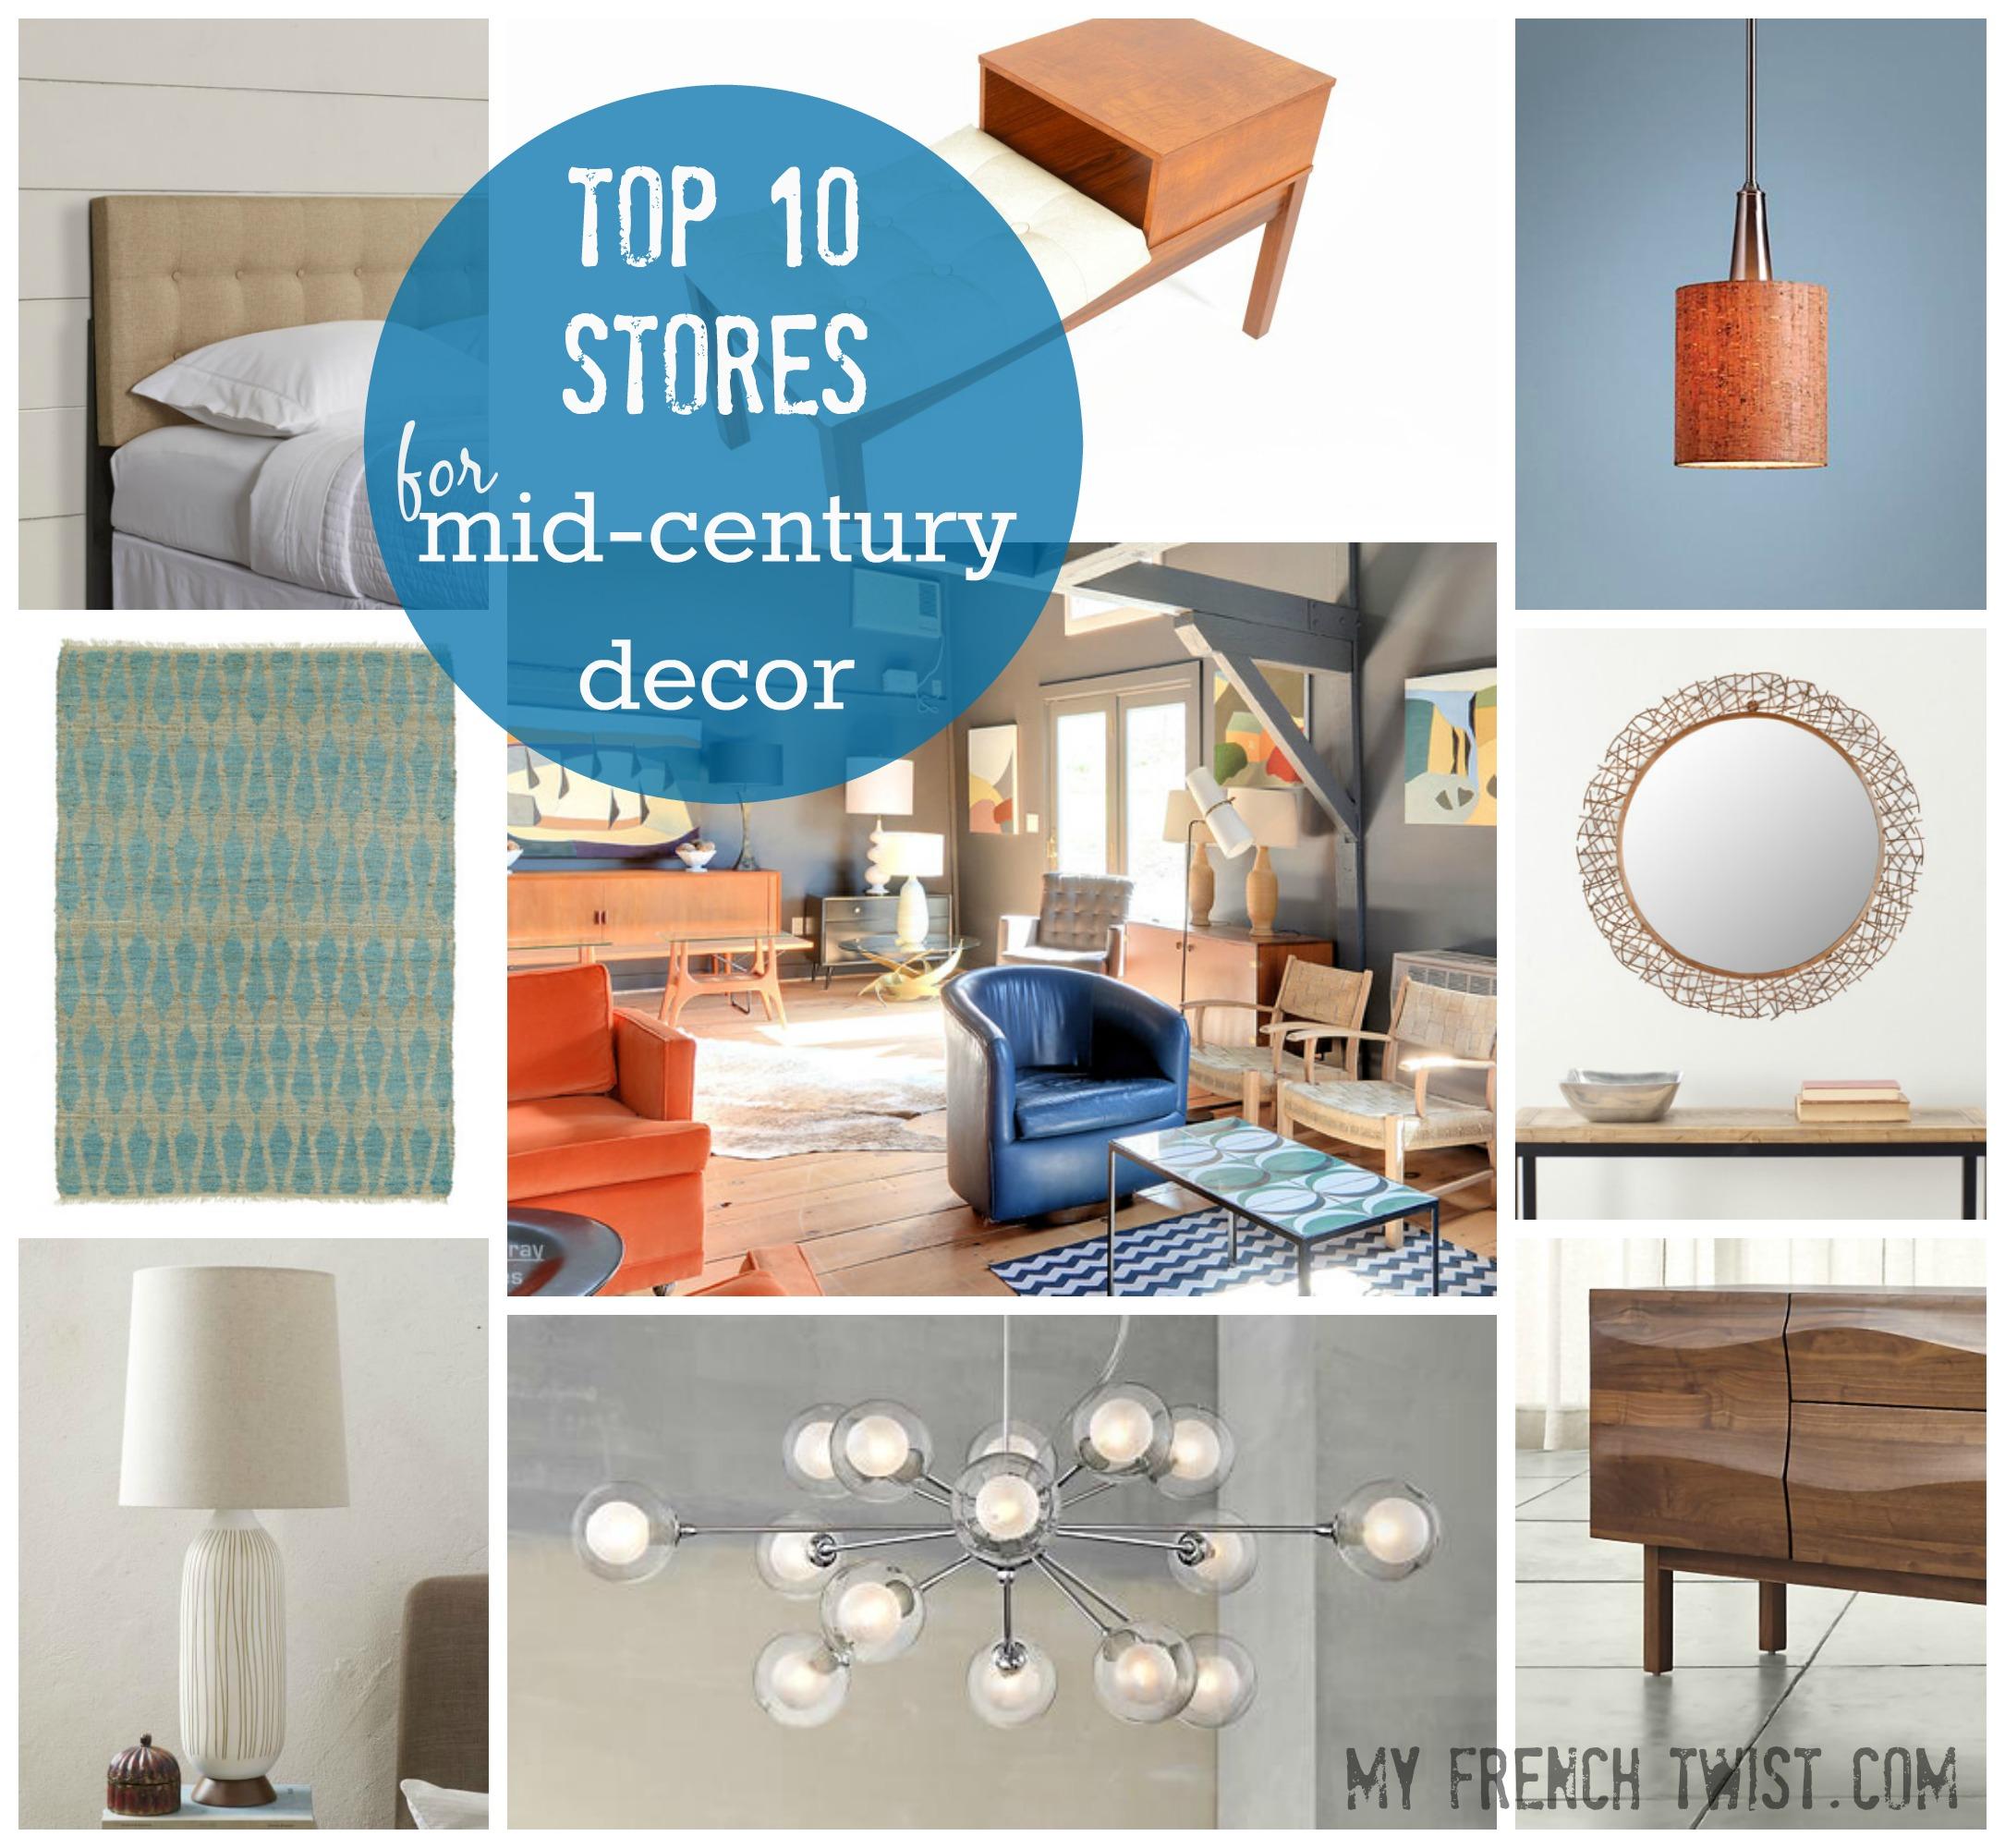 Top 10 Midcentury Modern Stores   Myfrenchtwist.com